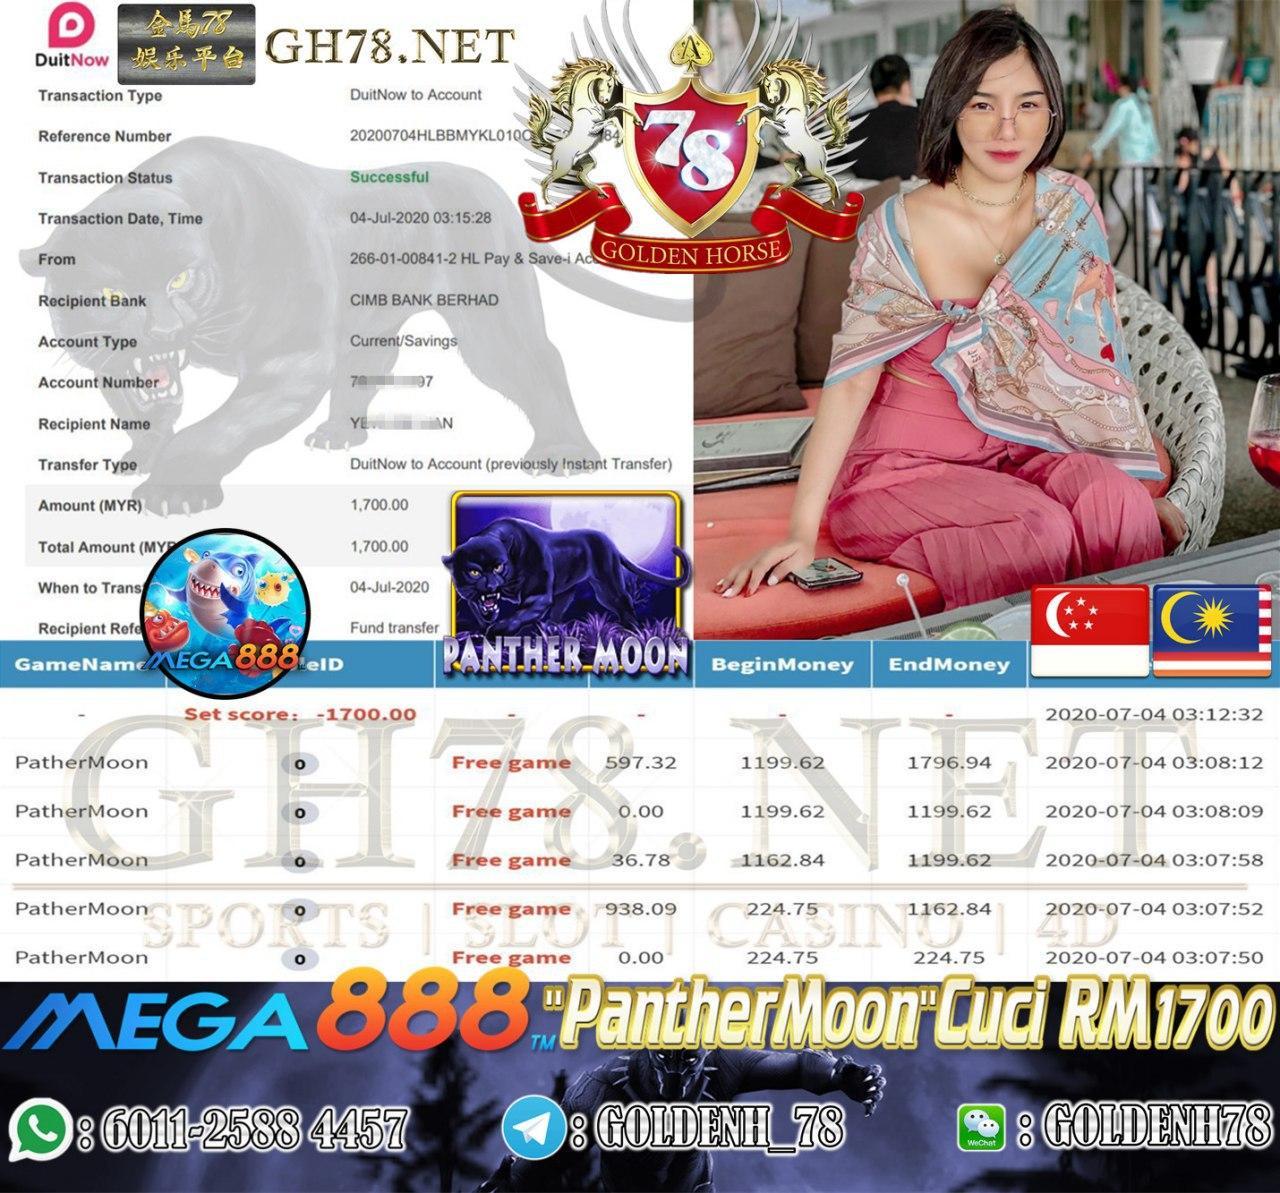 MEGA888 MEMBER MAIN PANTHERMOON CUCI RM1700